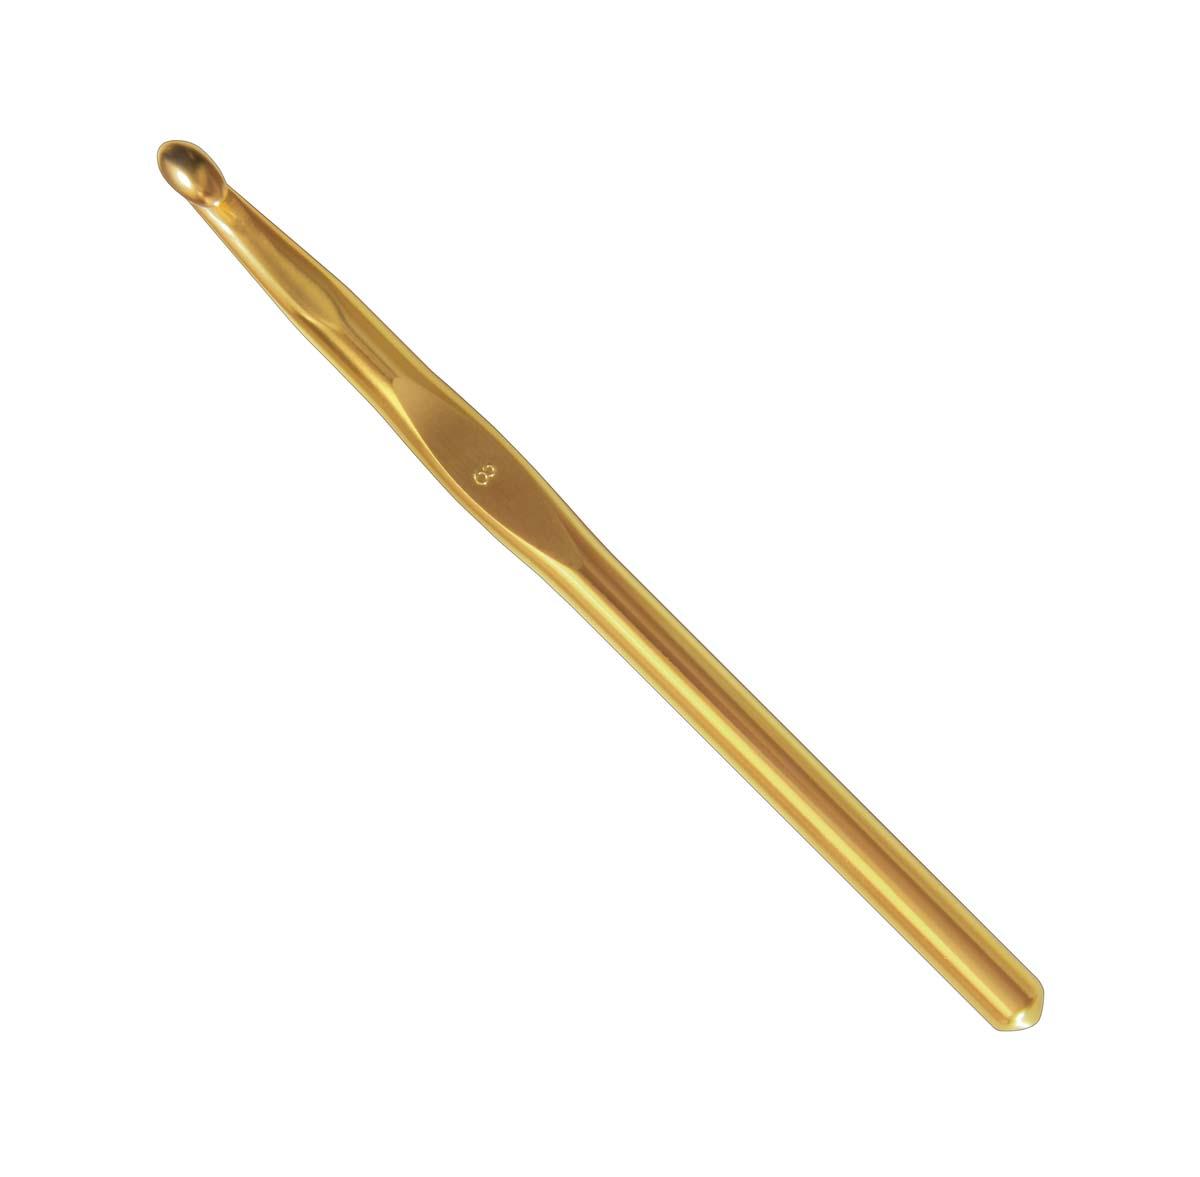 ADDI Крючок, вязальный, алюминий, №12, 15 см245-7/12-15Очень гладкая рабочая поверхность. Алюминий делает крючок очень легким. Крючки представляют собой даже больше аксессуар, чем инструмент, так как великолепно выполены производителем